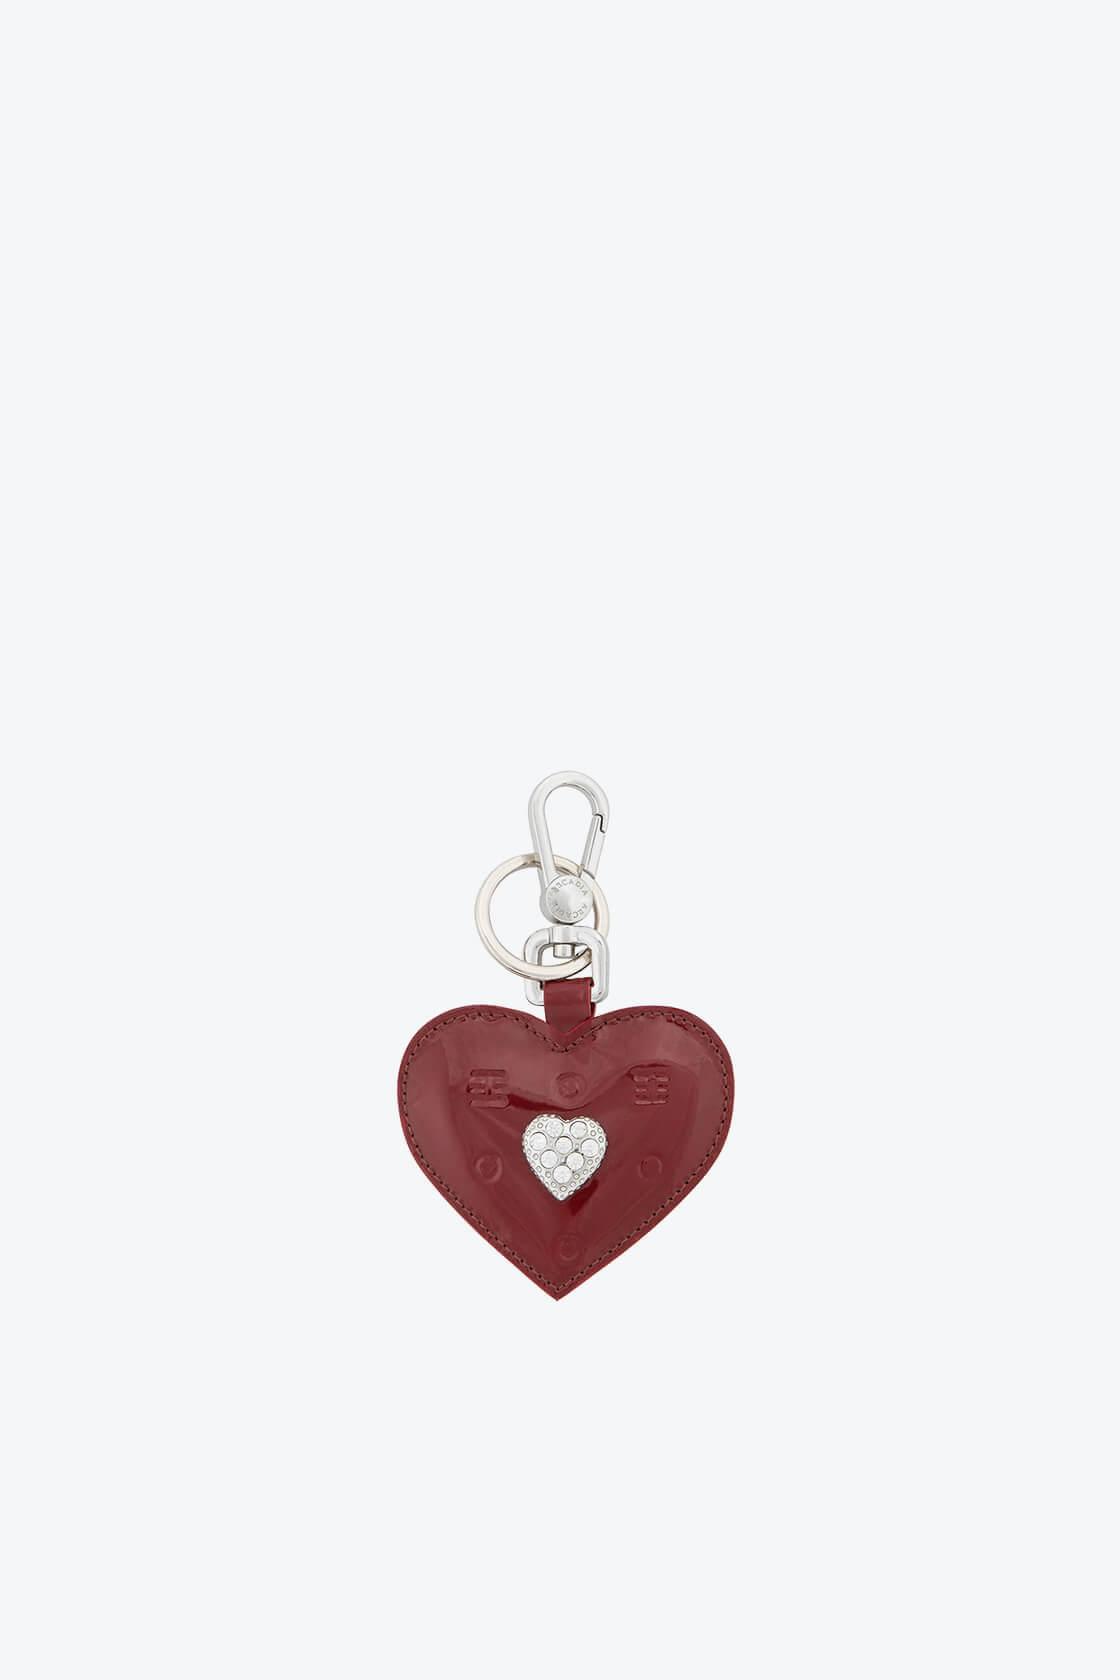 ol80000334 keyring heart swarovski stones 1